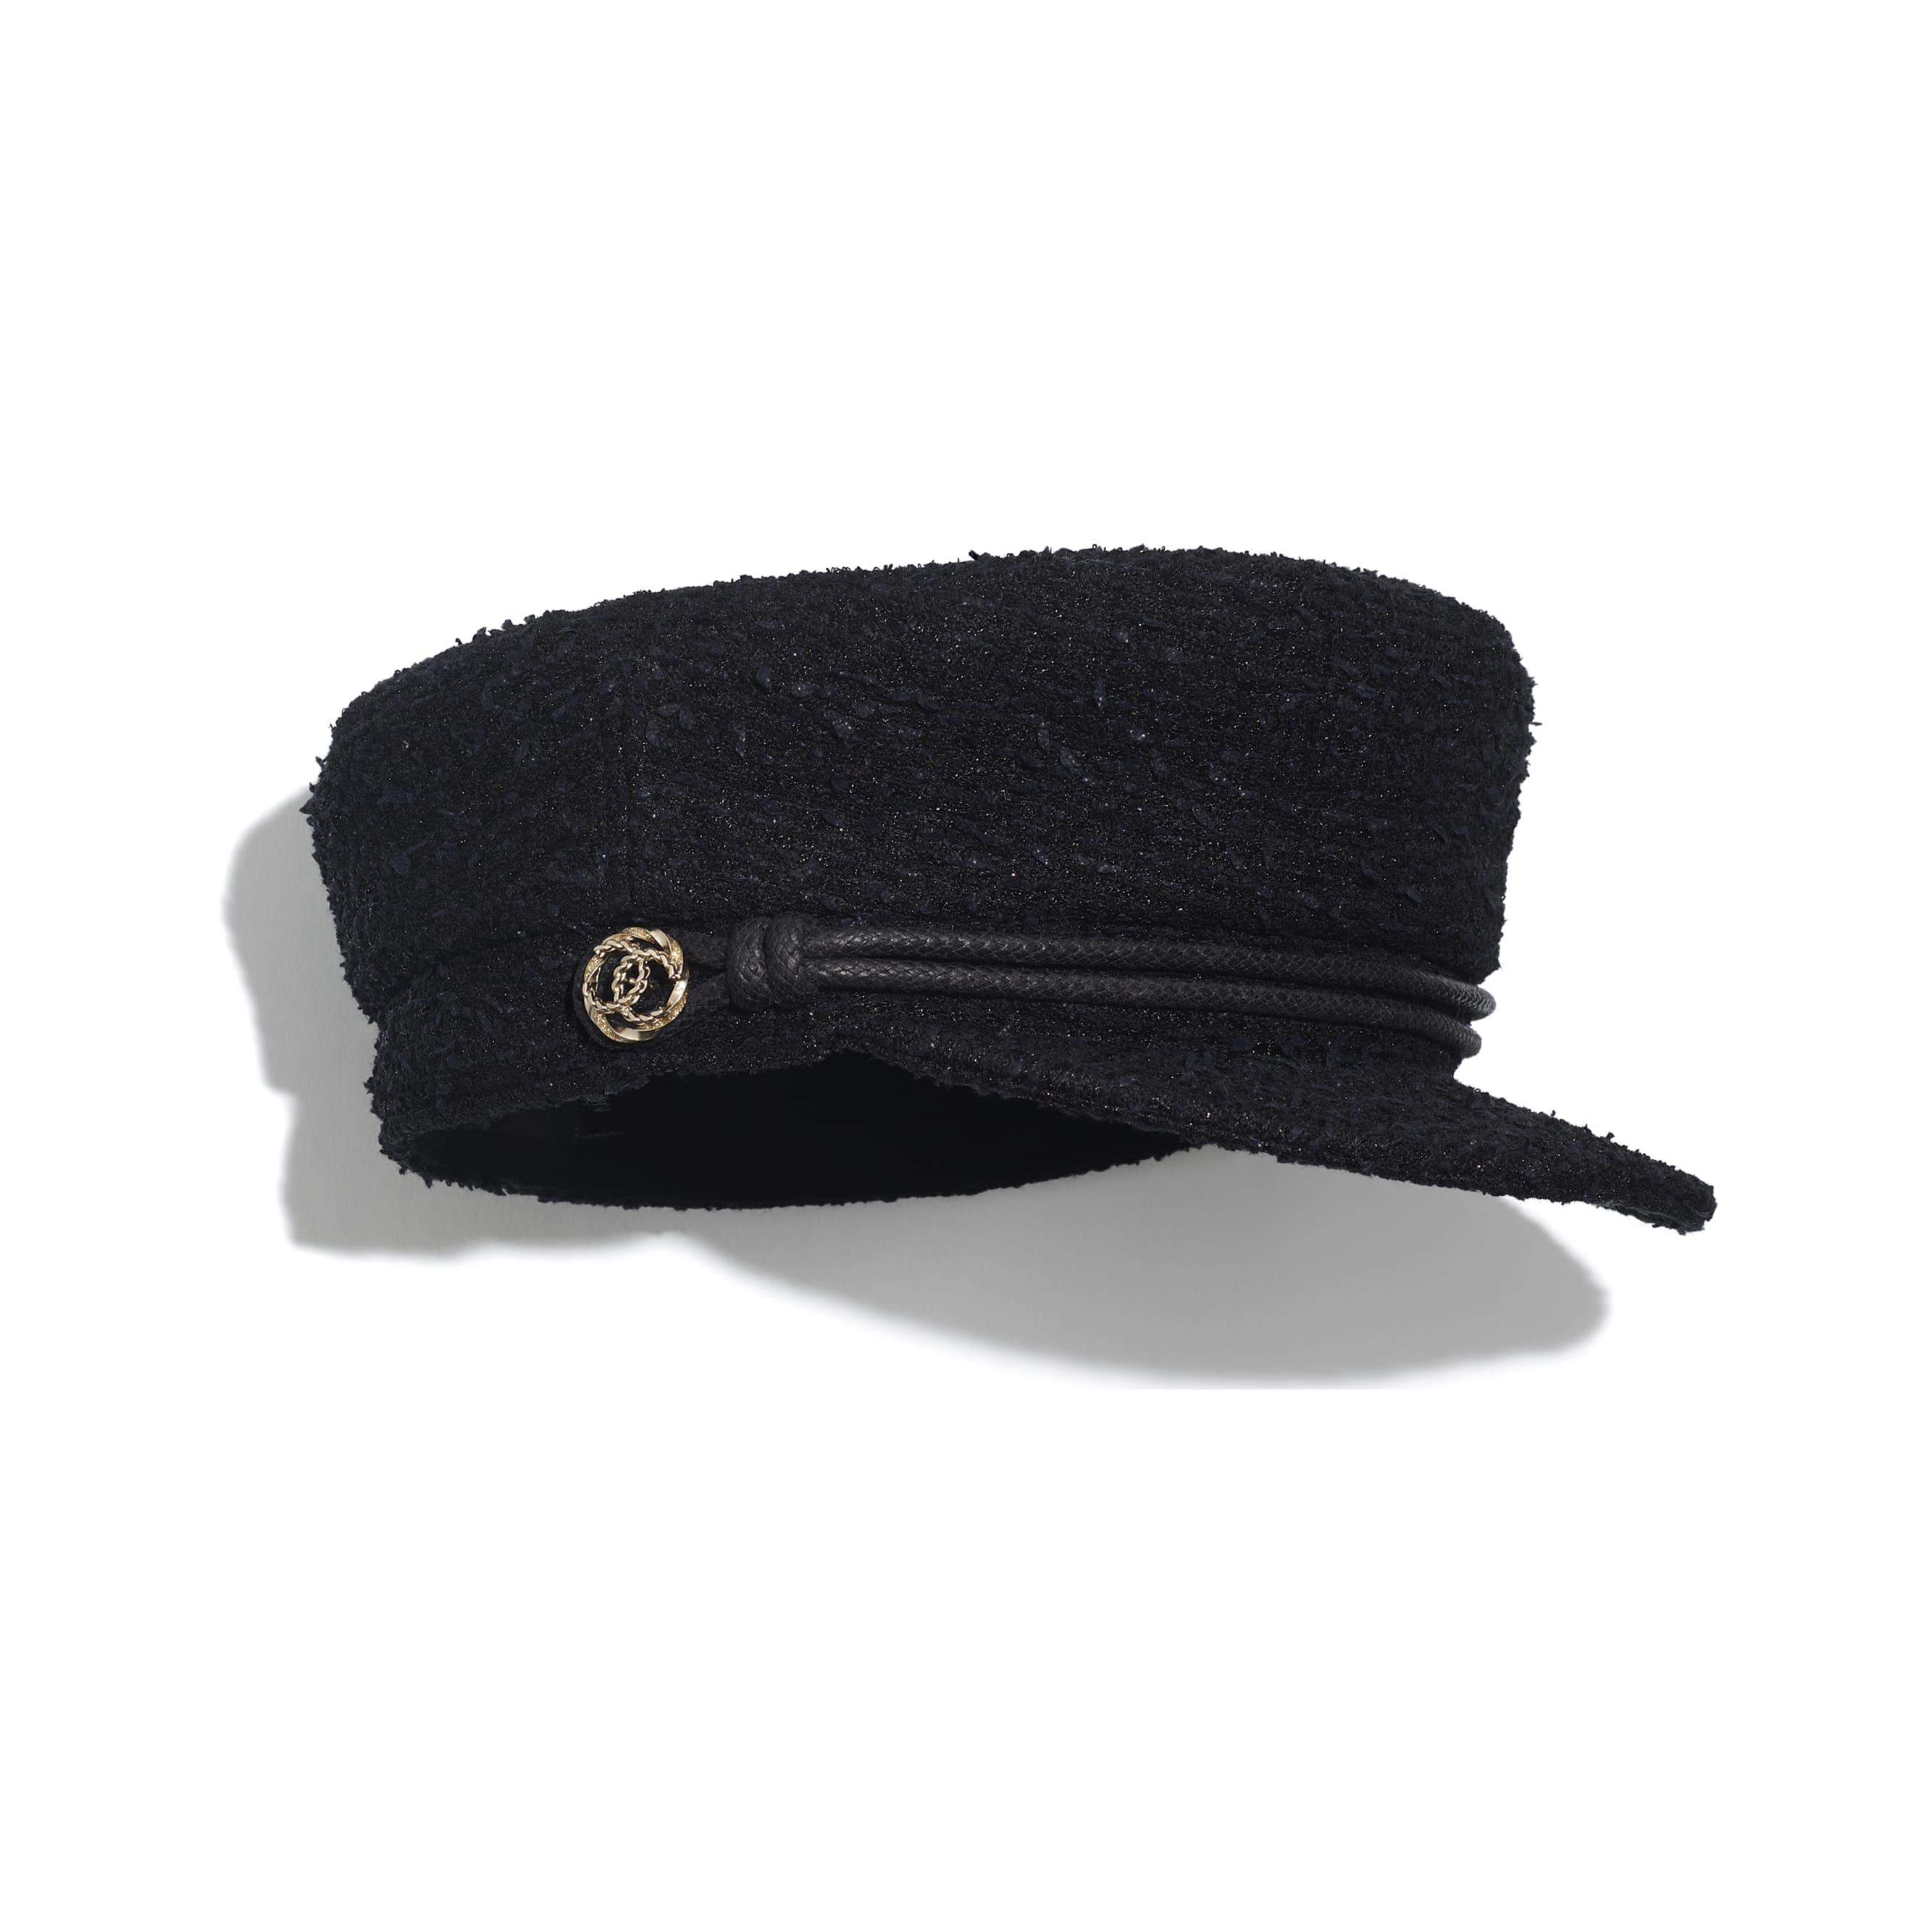 หมวกแก๊ปทรงกะลาสี - สีดำ - ผ้าทวีตและโลหะ - มุมมองทางอื่น - ดูเวอร์ชันขนาดมาตรฐาน